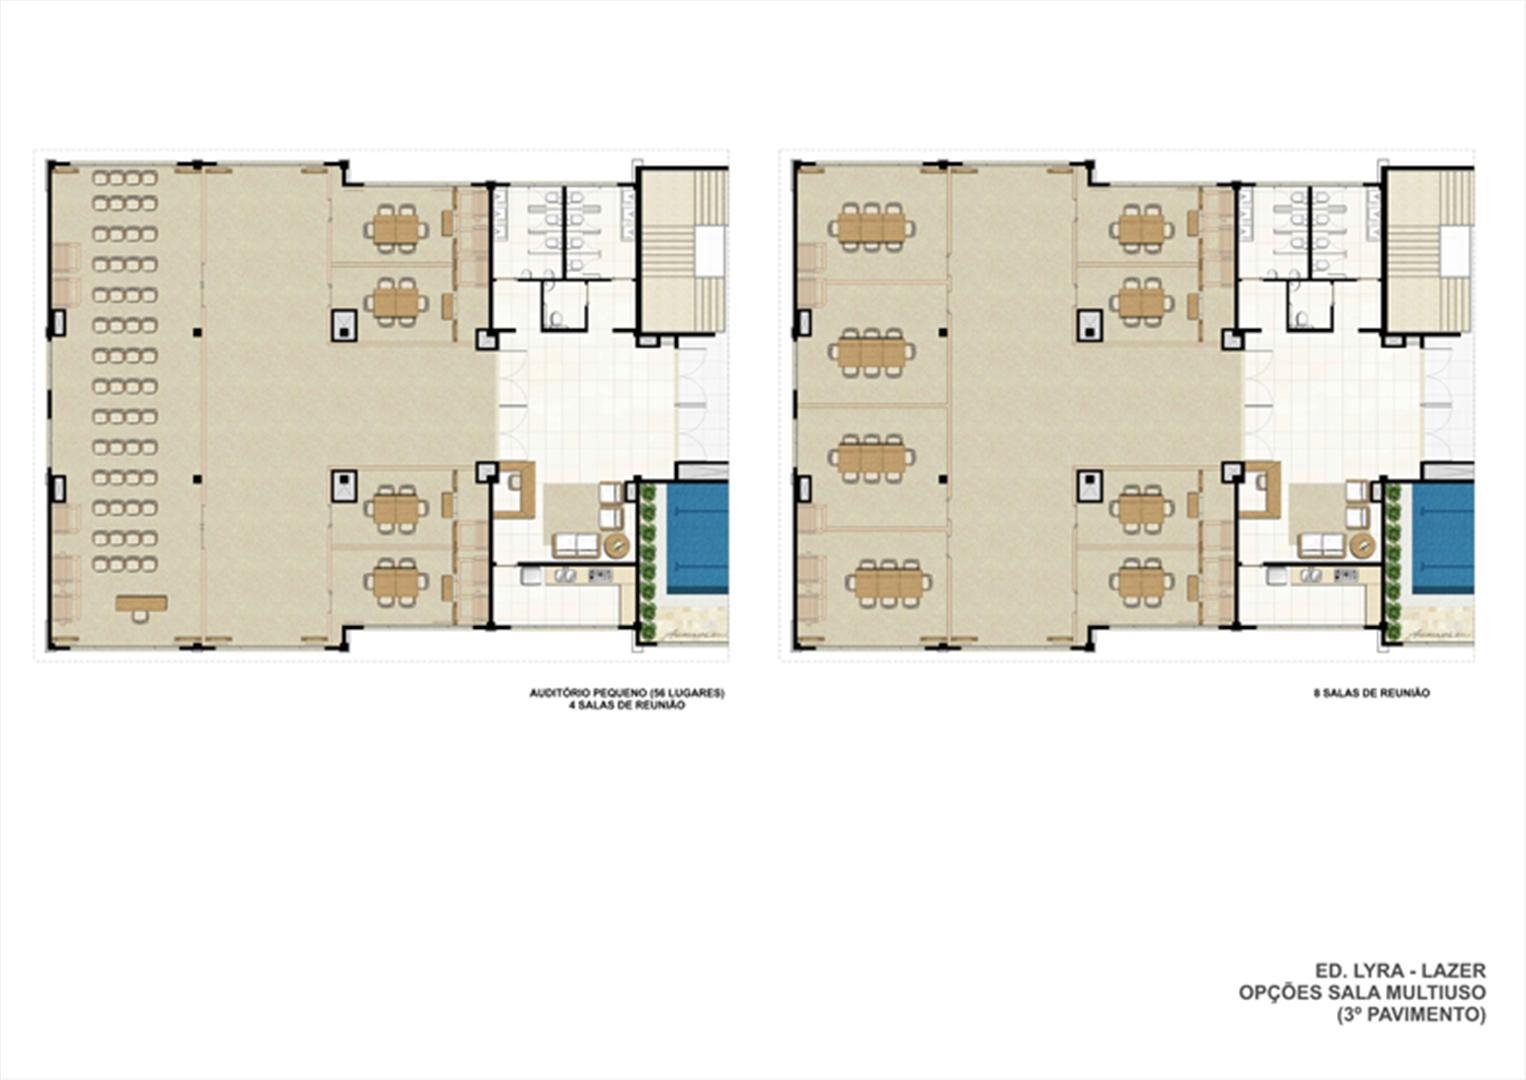 Planta ilustrativa Ed. Lyra - Lazer. Opções sala multiuso (3º pavimento)  (2) | Universe Empresarial – Salas Comerciais na  Barra da Tijuca - Rio de Janeiro - Rio de Janeiro